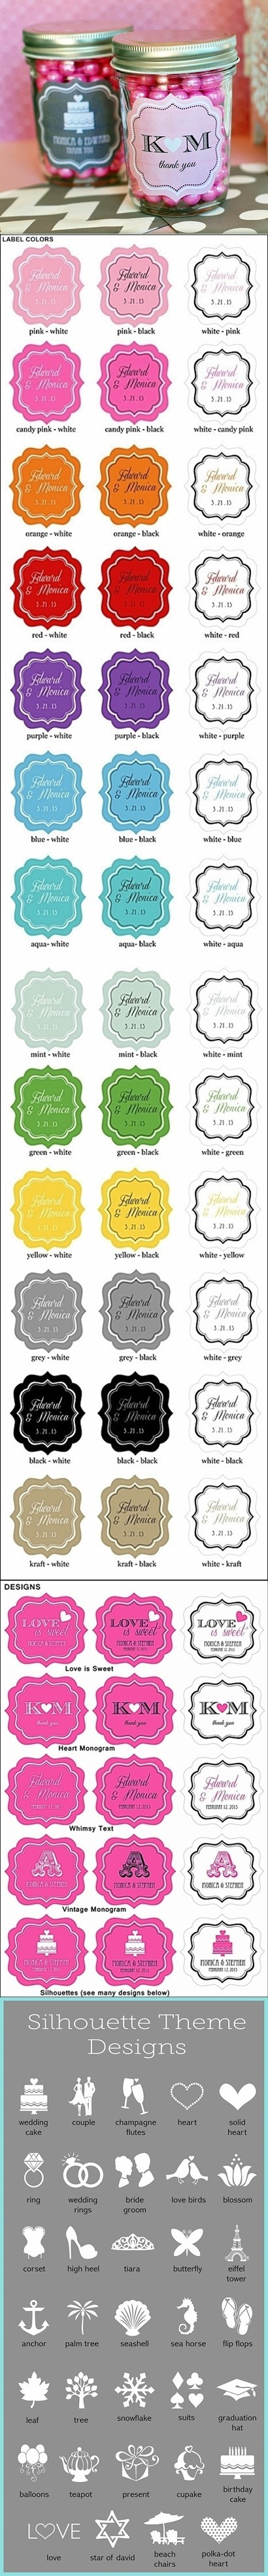 Outstanding Personalized Miniature Mason Jars